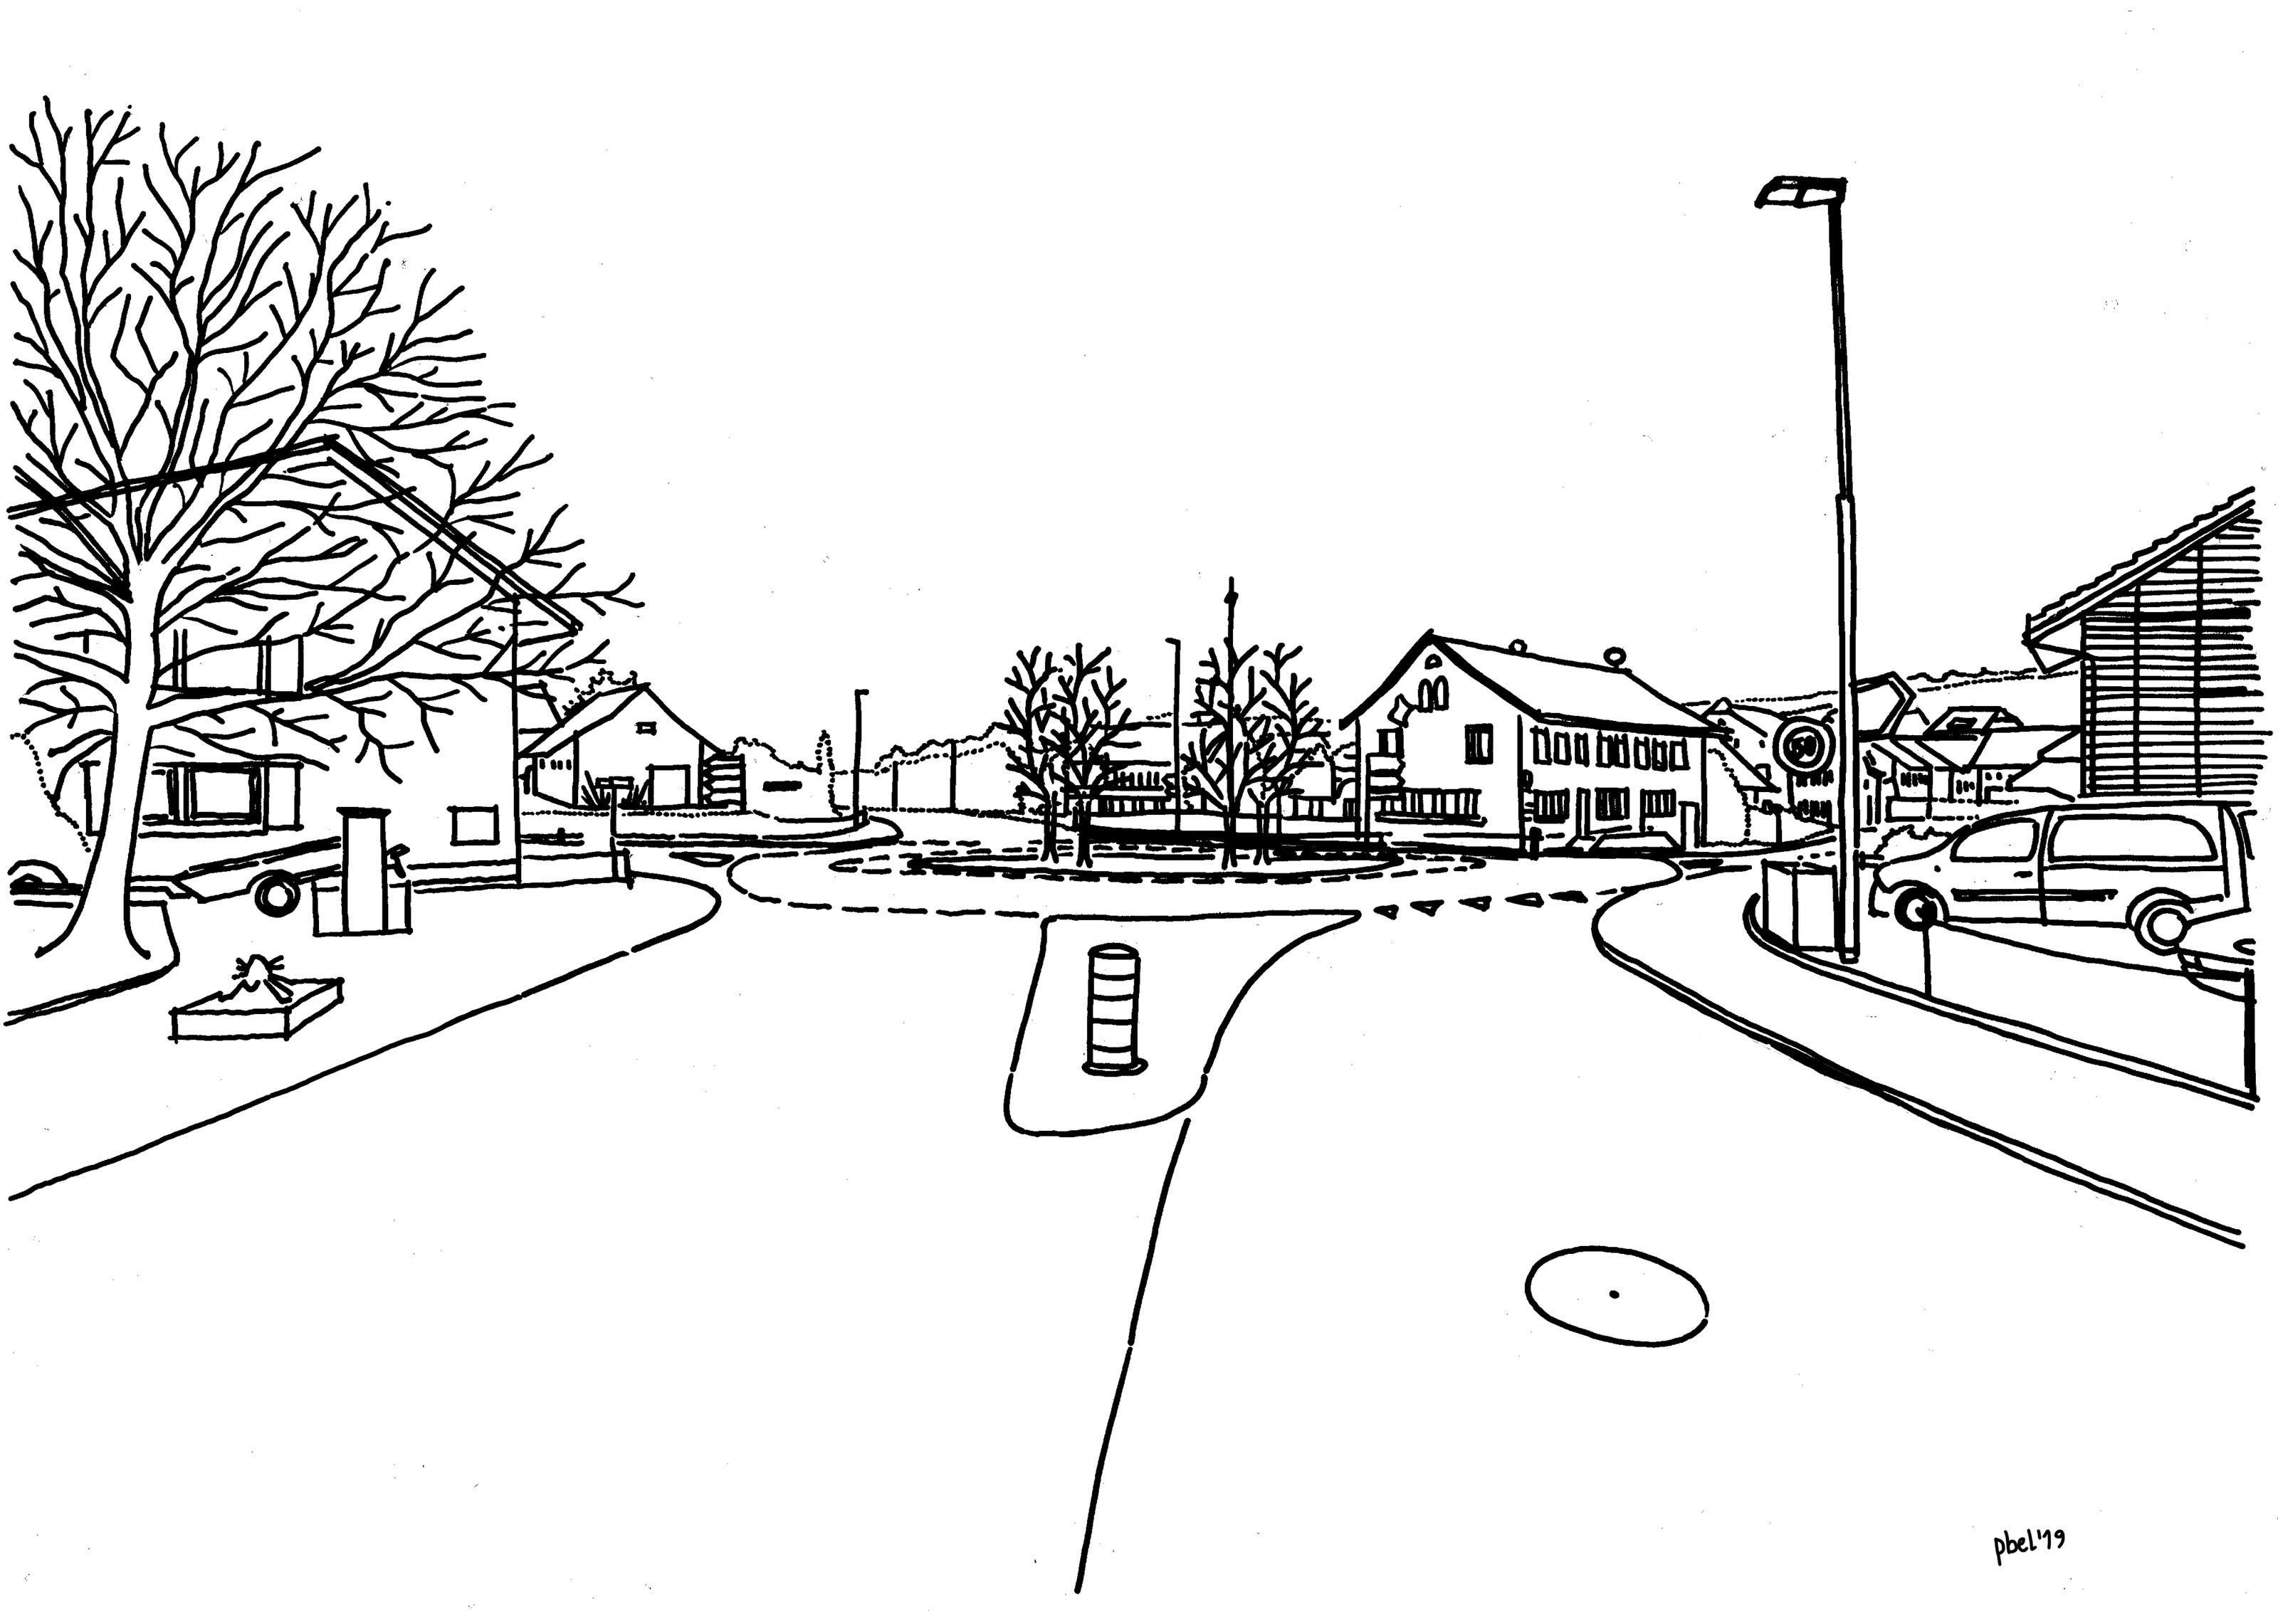 Knoten Bözberg- und Bahnhofstrasse Die Skizzen zeigen die Kreuzung Bözberg- und Bahnhofstrasse in Effingen Richtung Bözen mit der bestehenden Einspurstrecke und dem geplanten Kreisel.